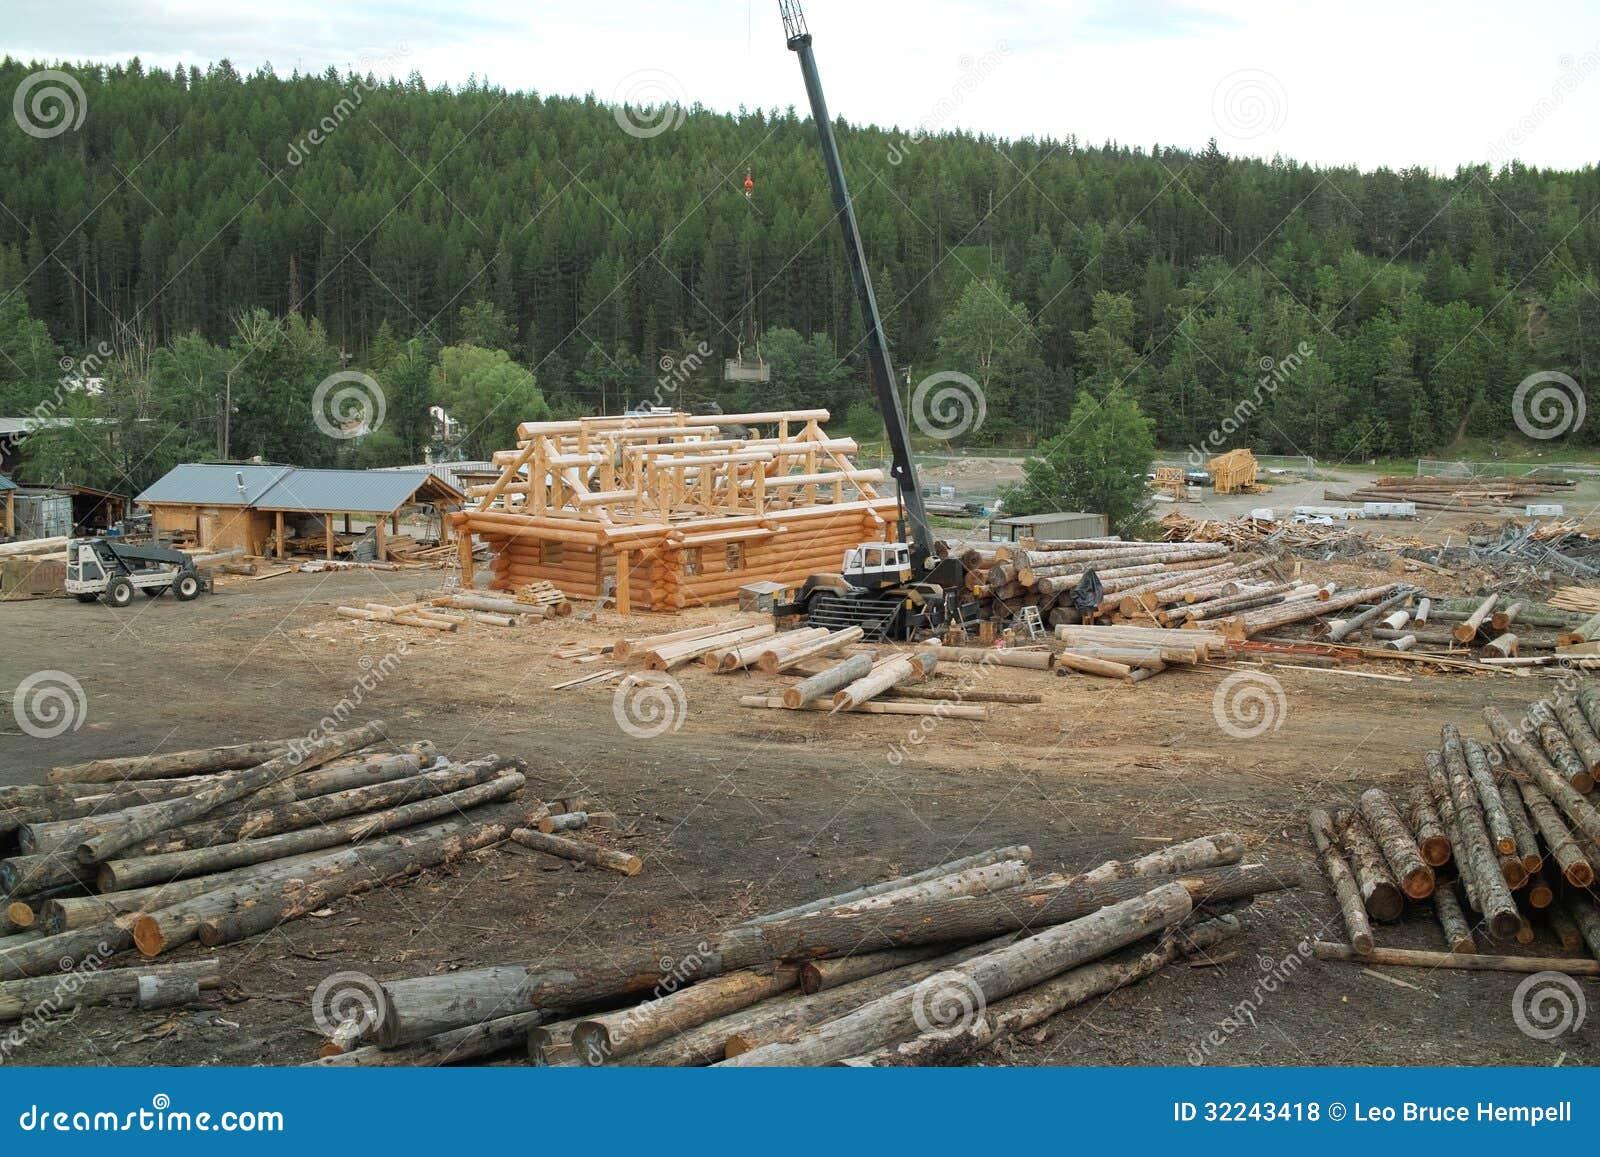 construction de cabane en rondins colombie britannique canada photos libres de droits image. Black Bedroom Furniture Sets. Home Design Ideas